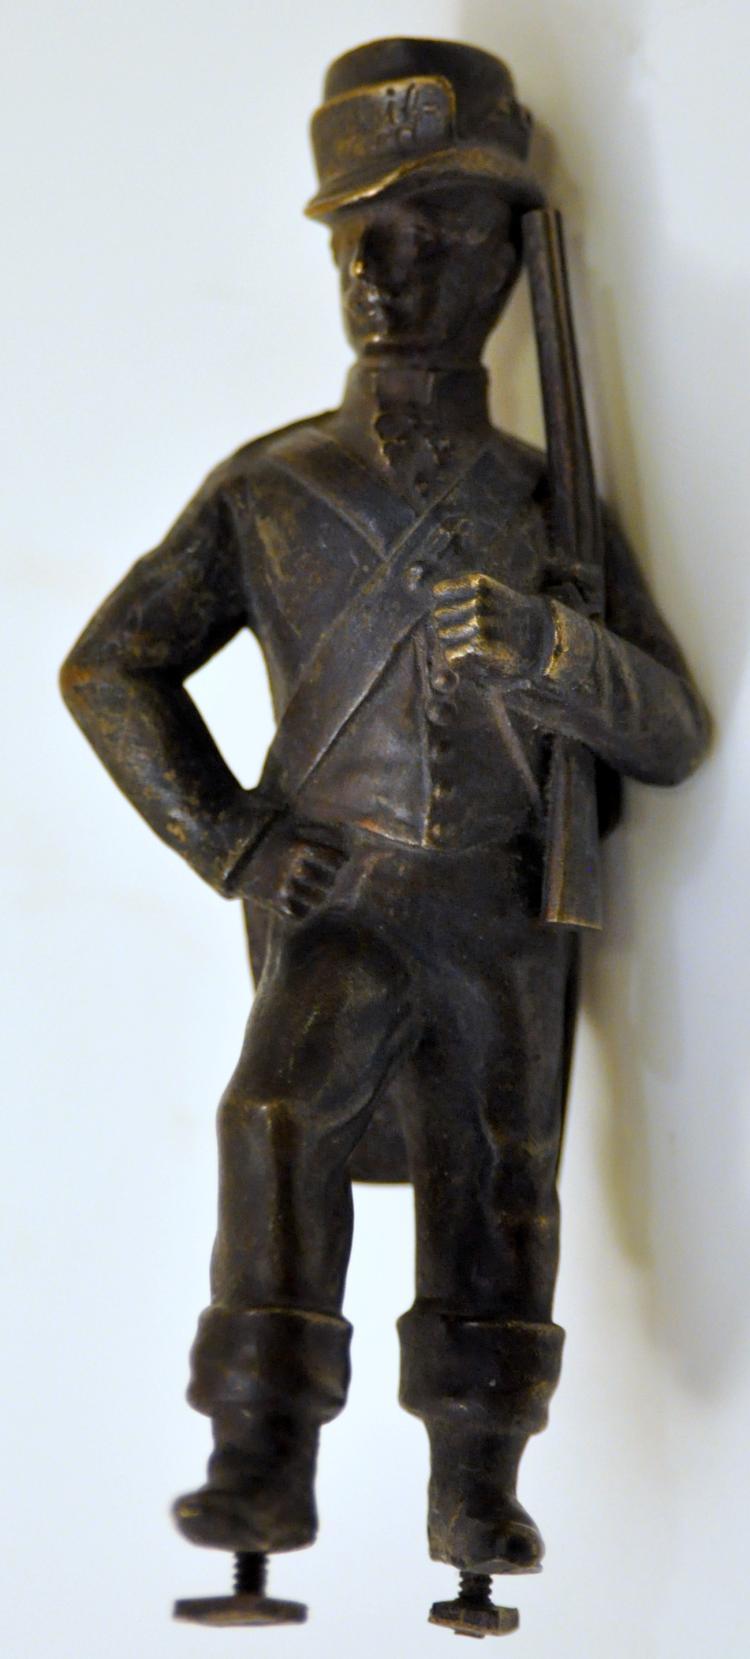 Vintage bronze soldier statue